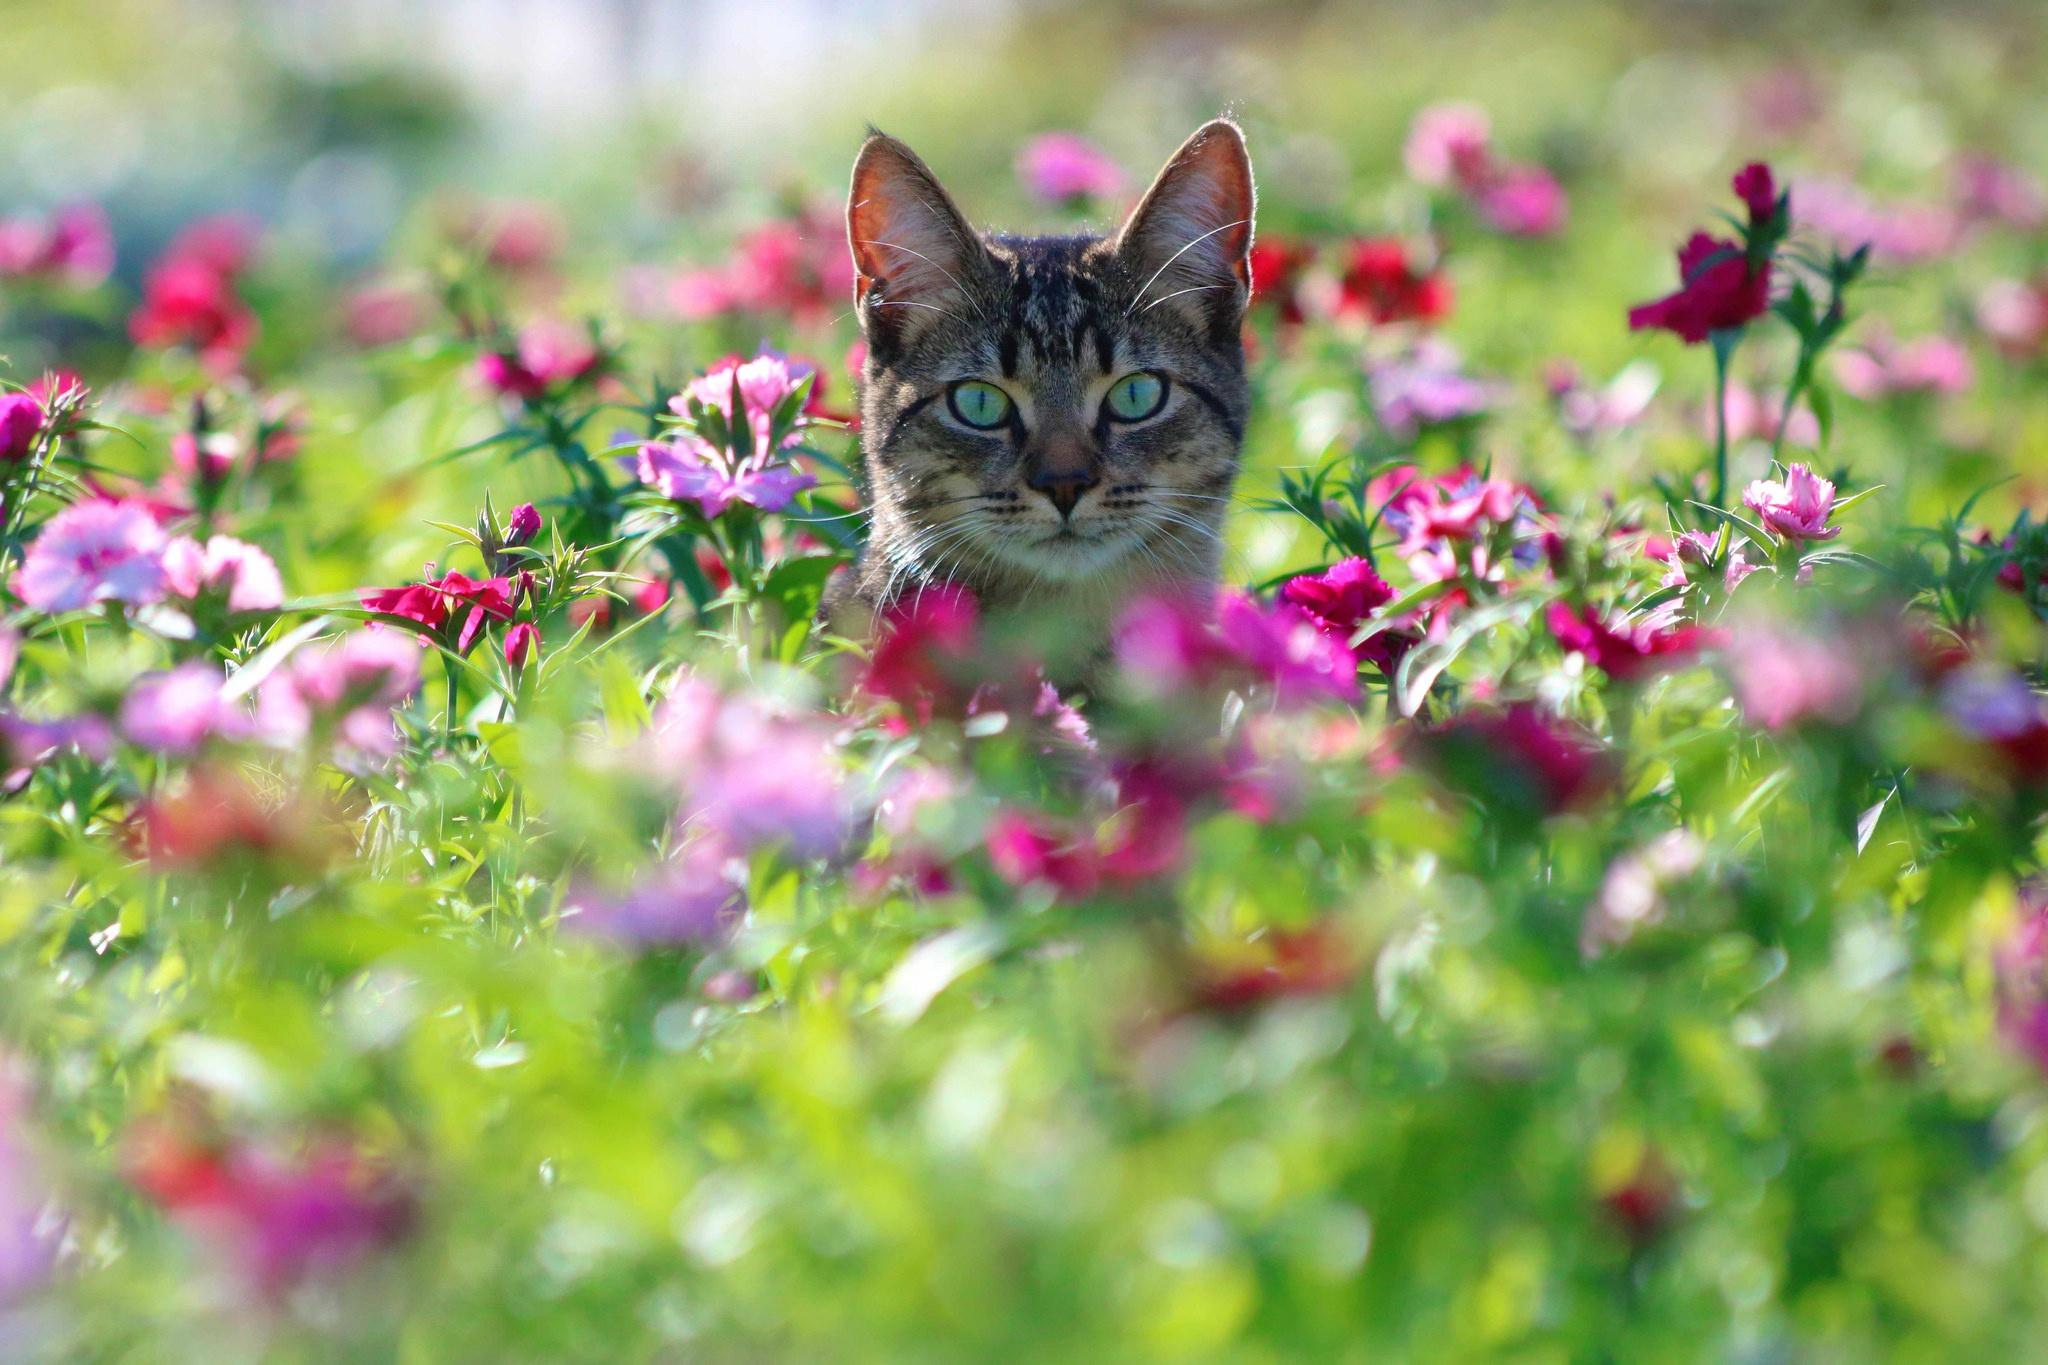 Tapety Kolorowy Kot Zwierząt Rośliny Kwiaty 2048x1365